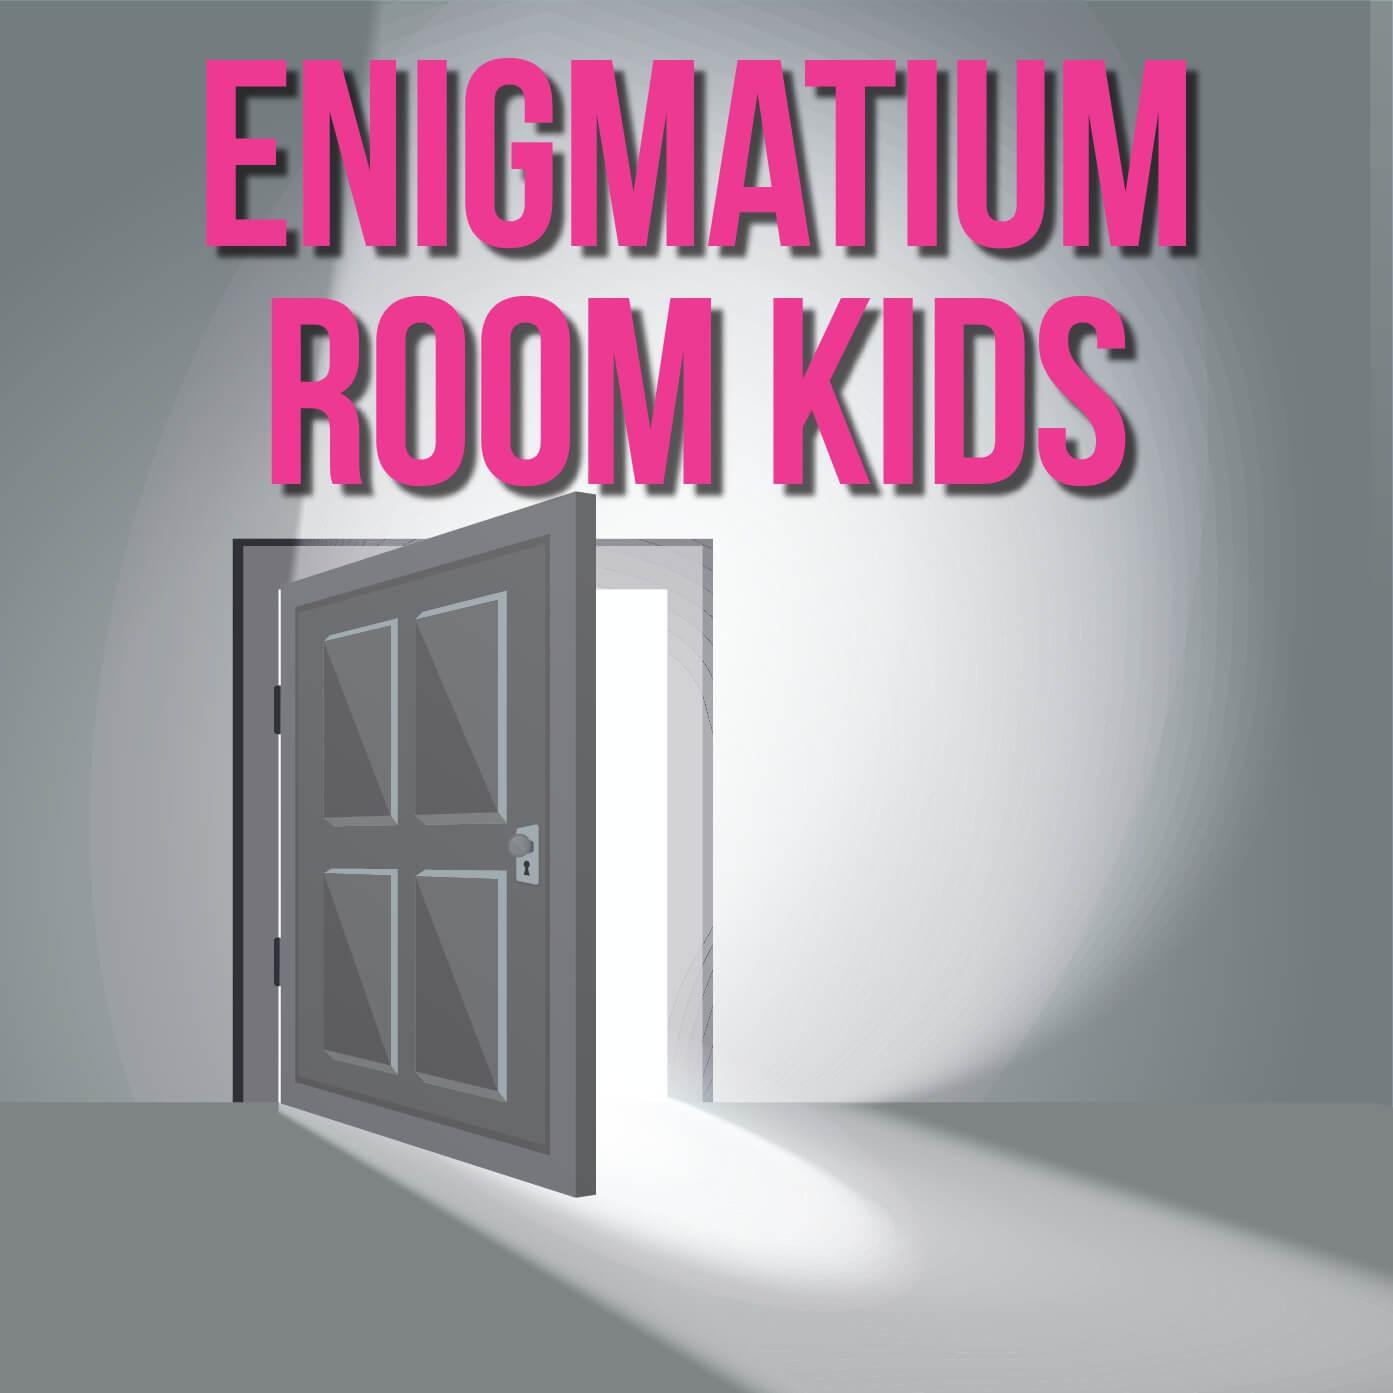 Enigmatium Room Kids